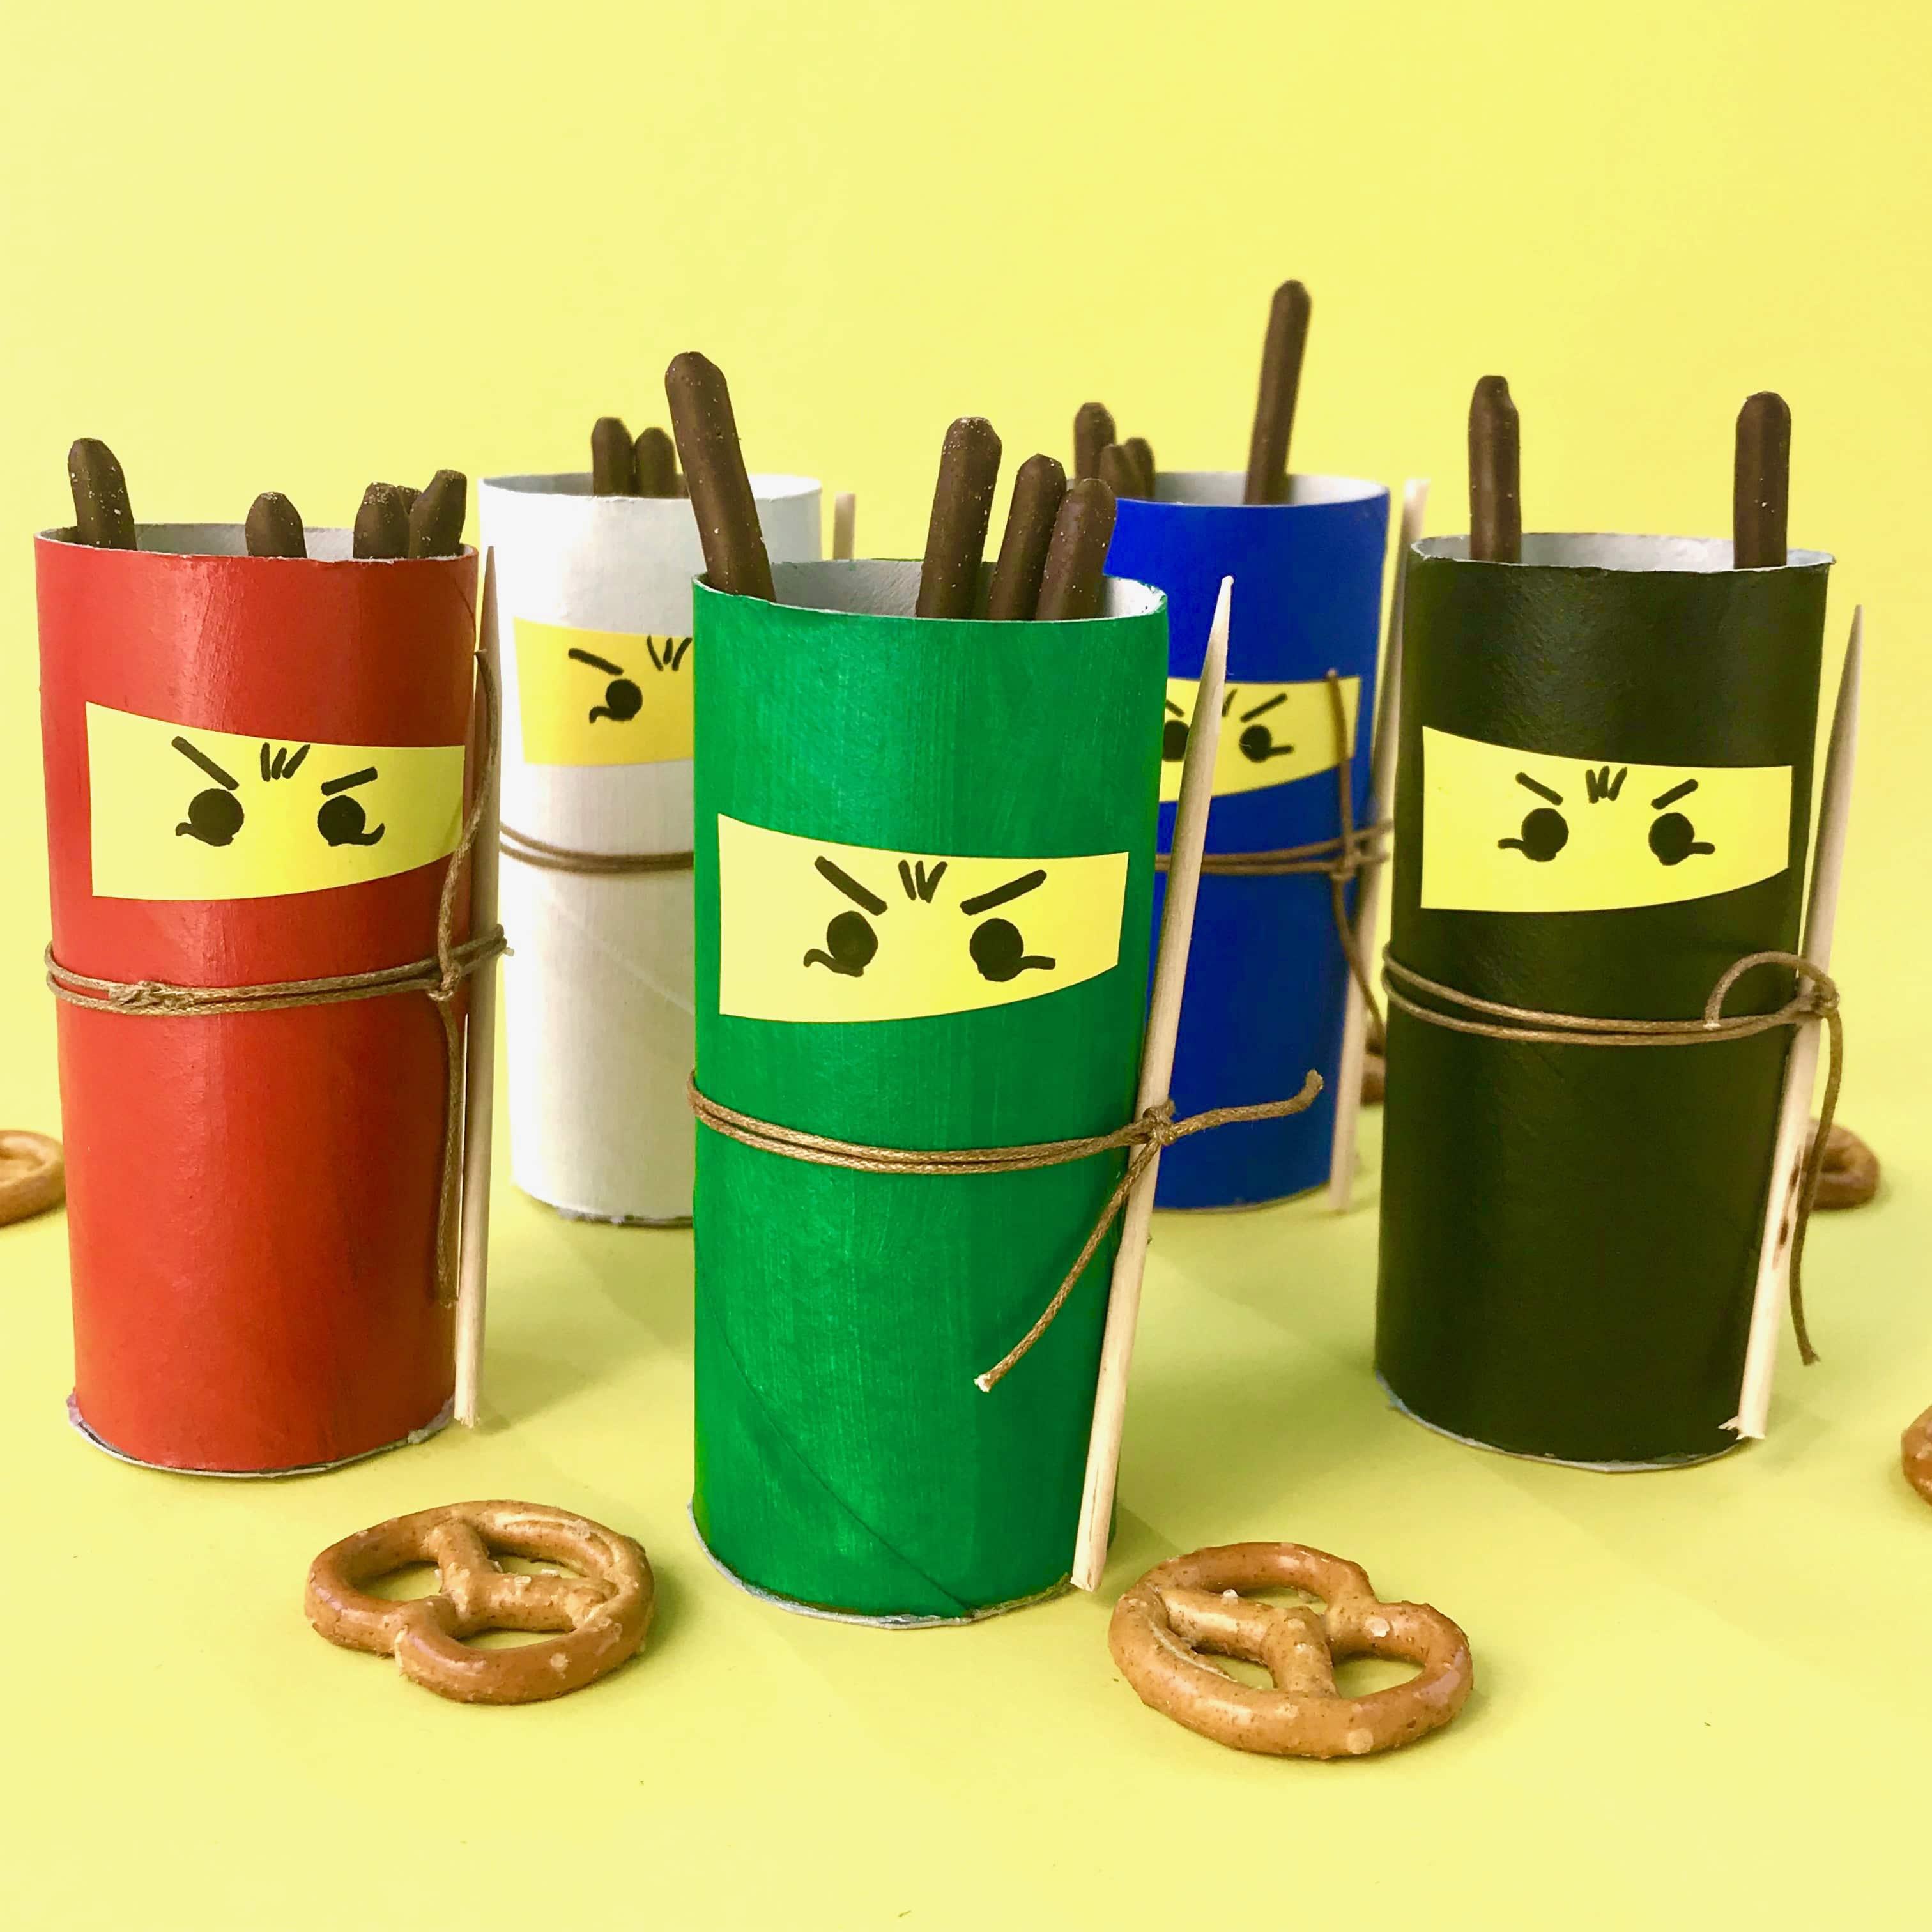 Ninjag Geburtstag Ninjas aus Klorollen selber machen, Upcycling